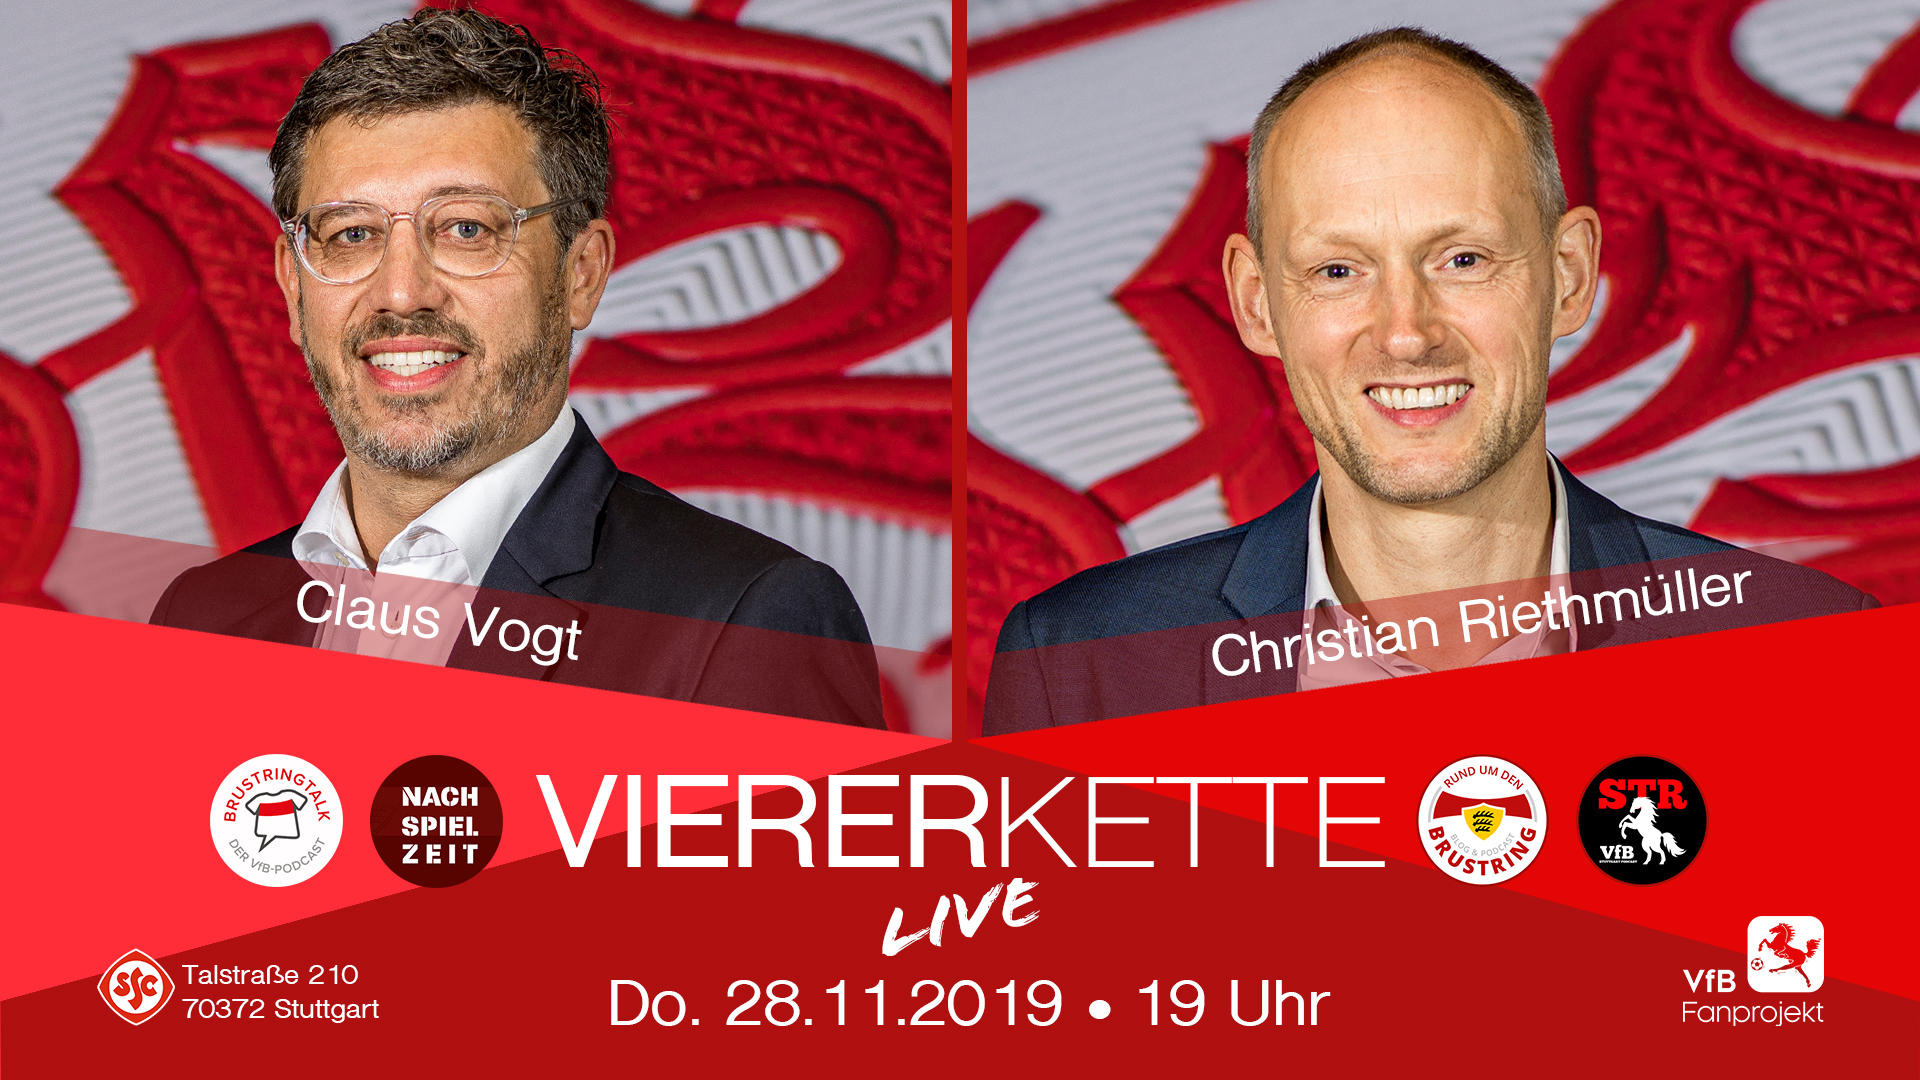 Die VfBVIERERKETTE live kommt zurück – mit Claus Vogt und Christian Riethmüller